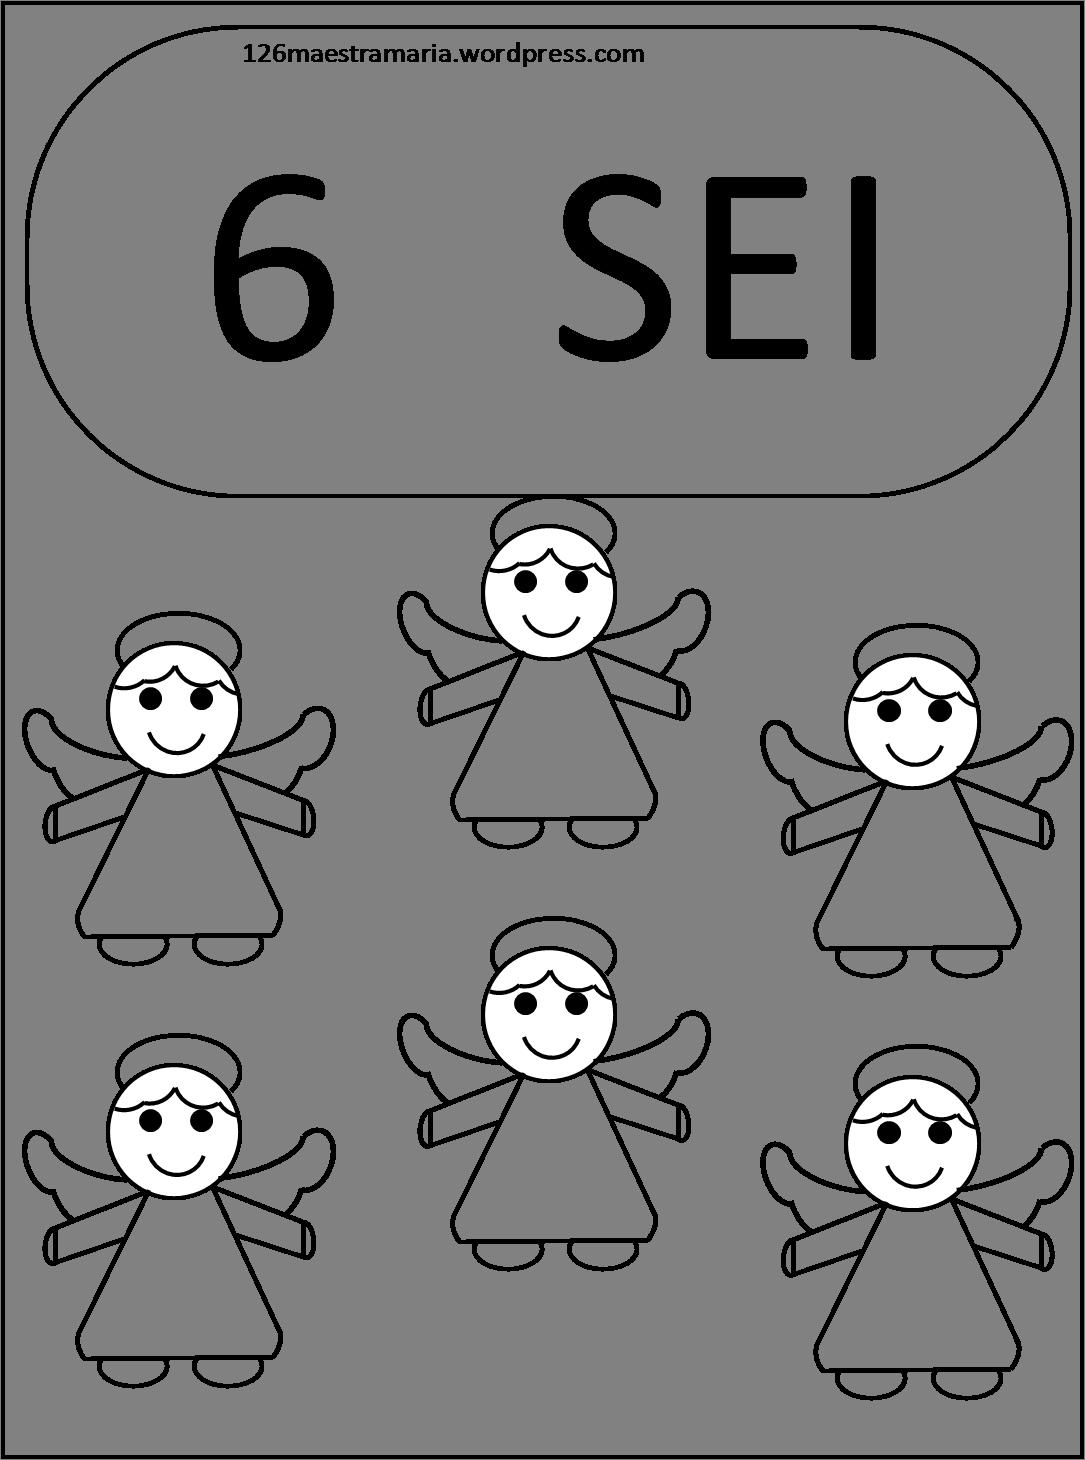 Eccezionale precalcolo   Maestramaria XU69